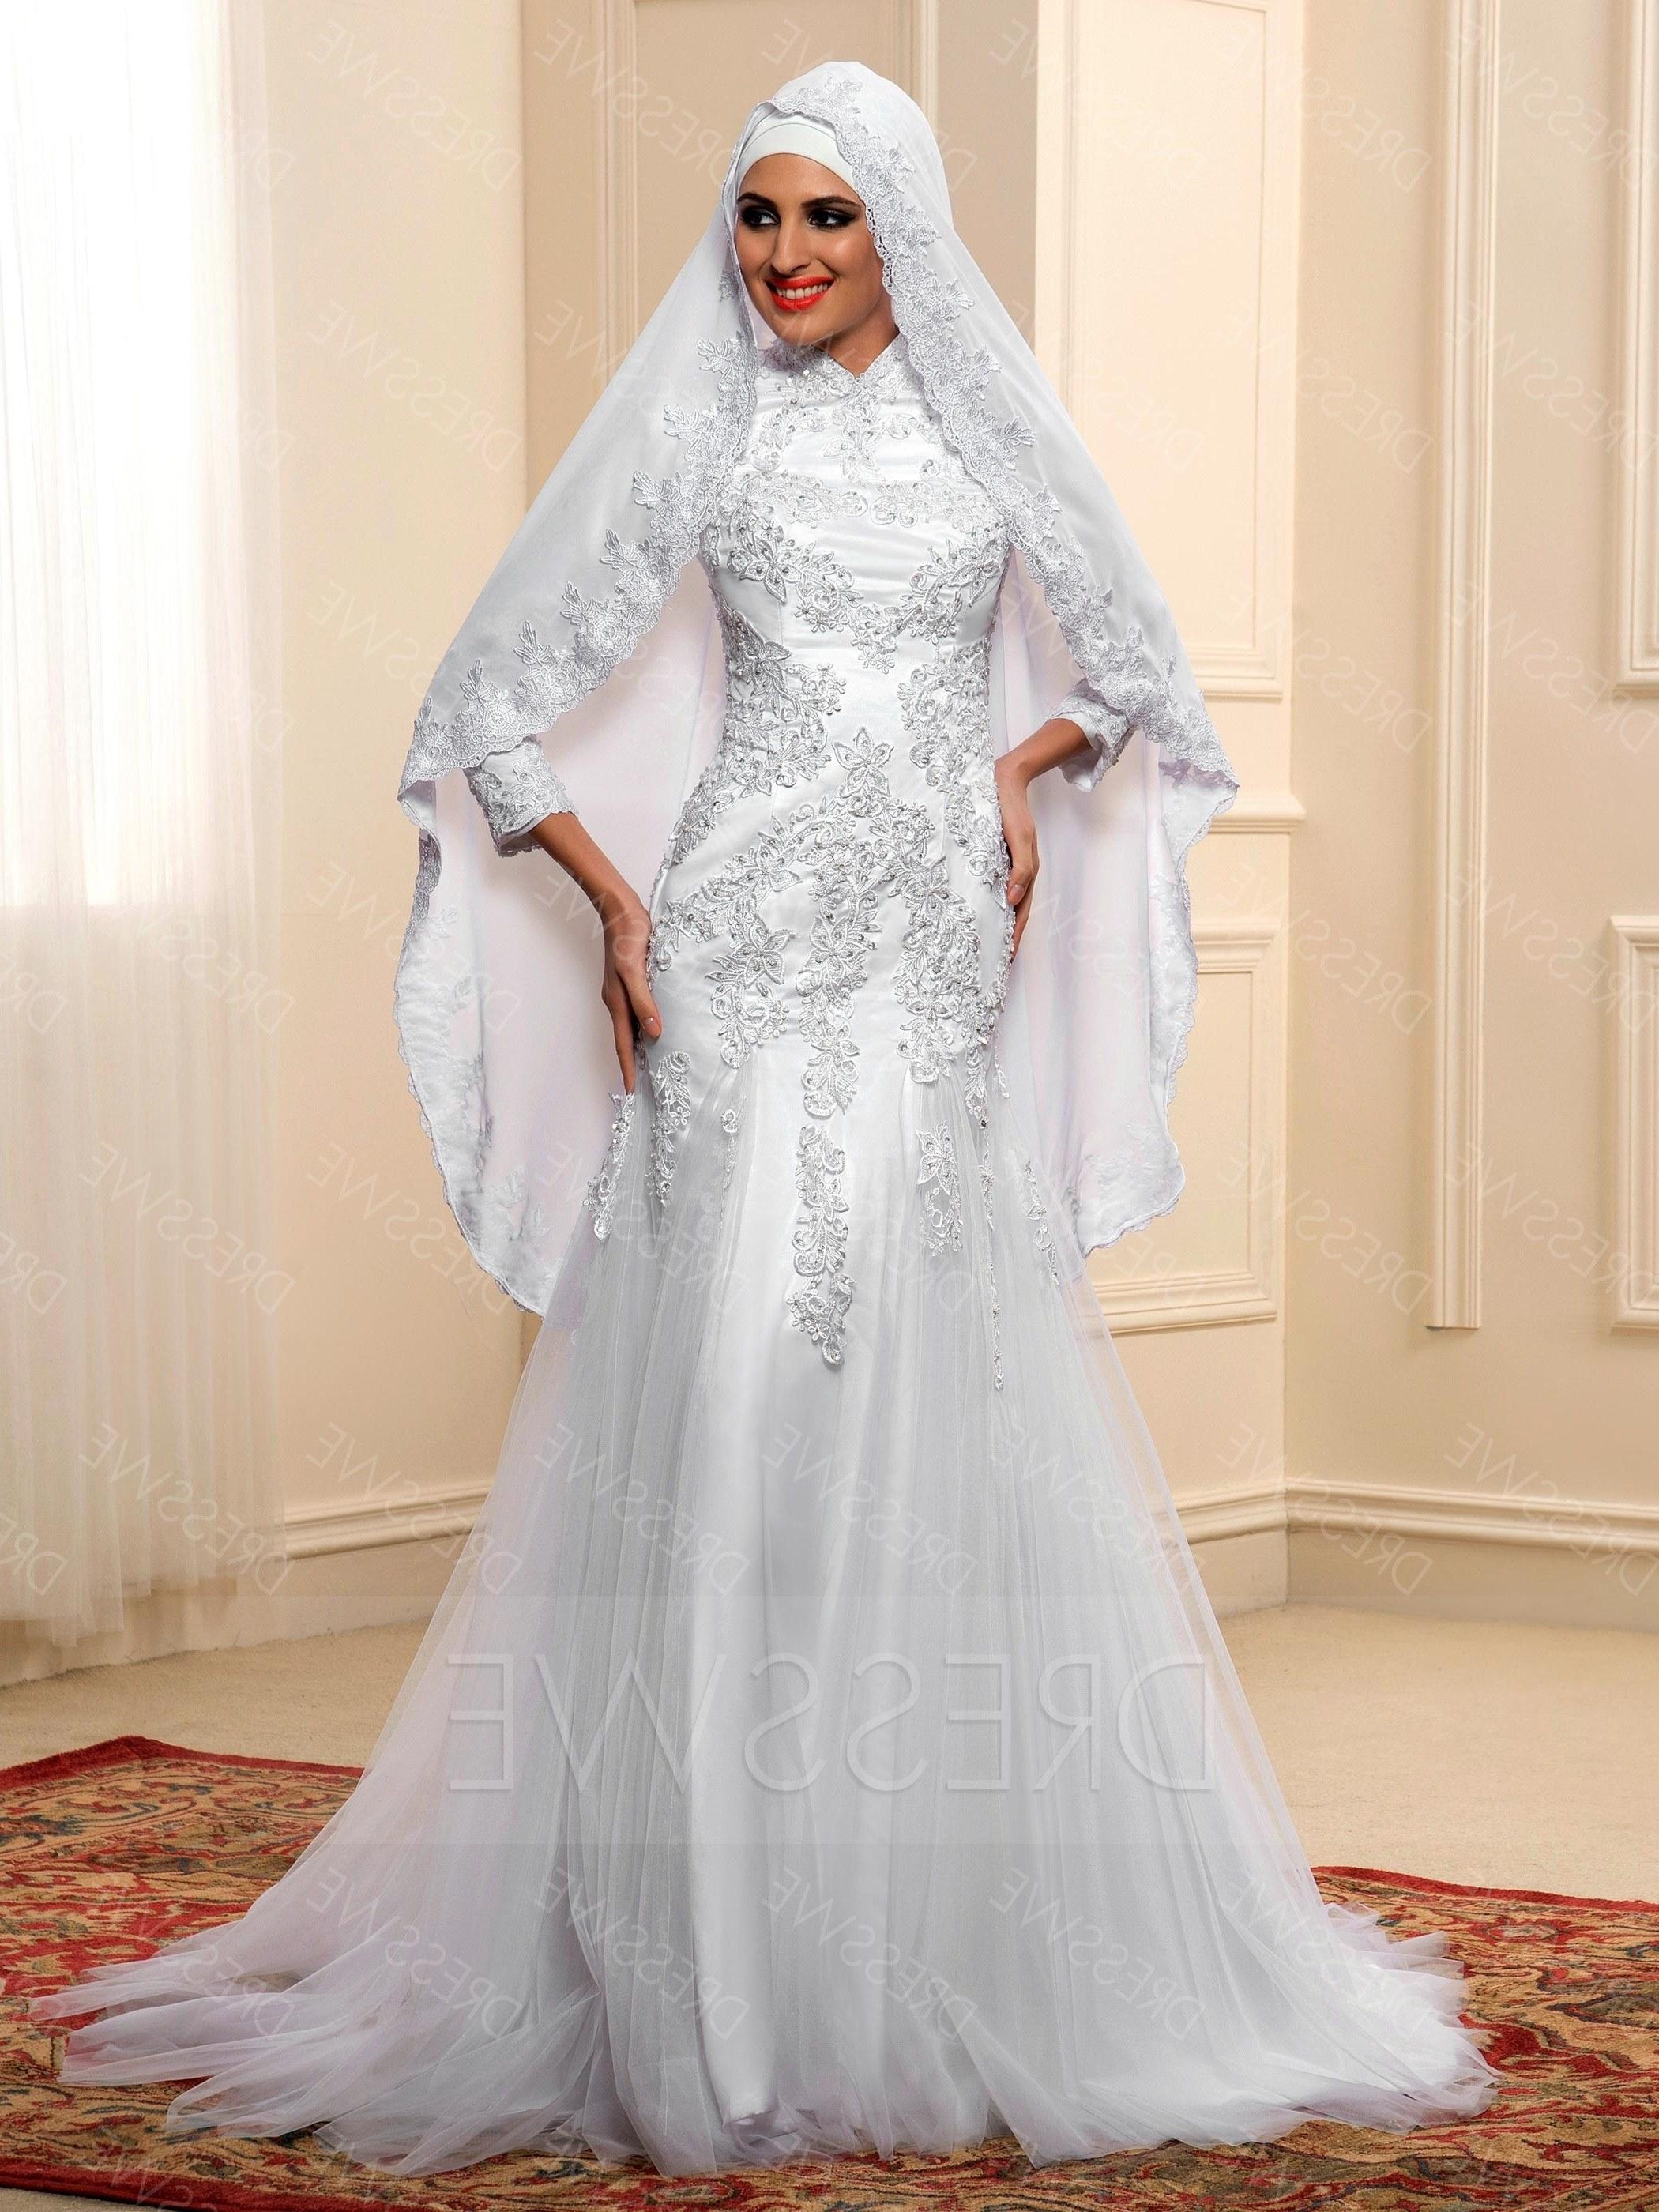 Ide Baju Pengantin Sederhana Muslimah Etdg Model Kebaya Akad Nikah Hijab Model Kebaya Terbaru 2019